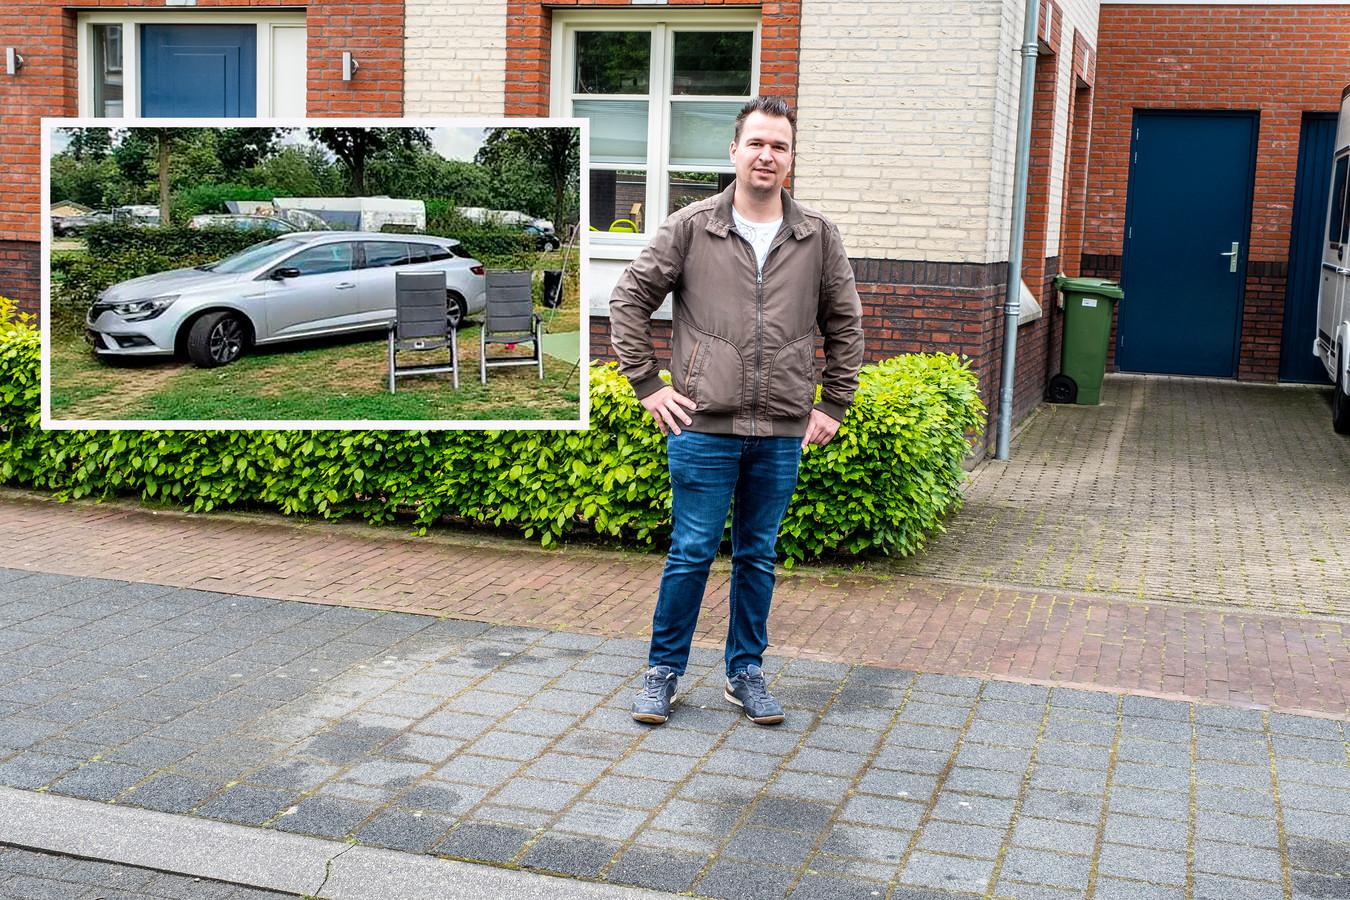 Lars Tijssen op de plek waar tot vorige week zijn renault megane stond/Inzet: de betreffende auto.